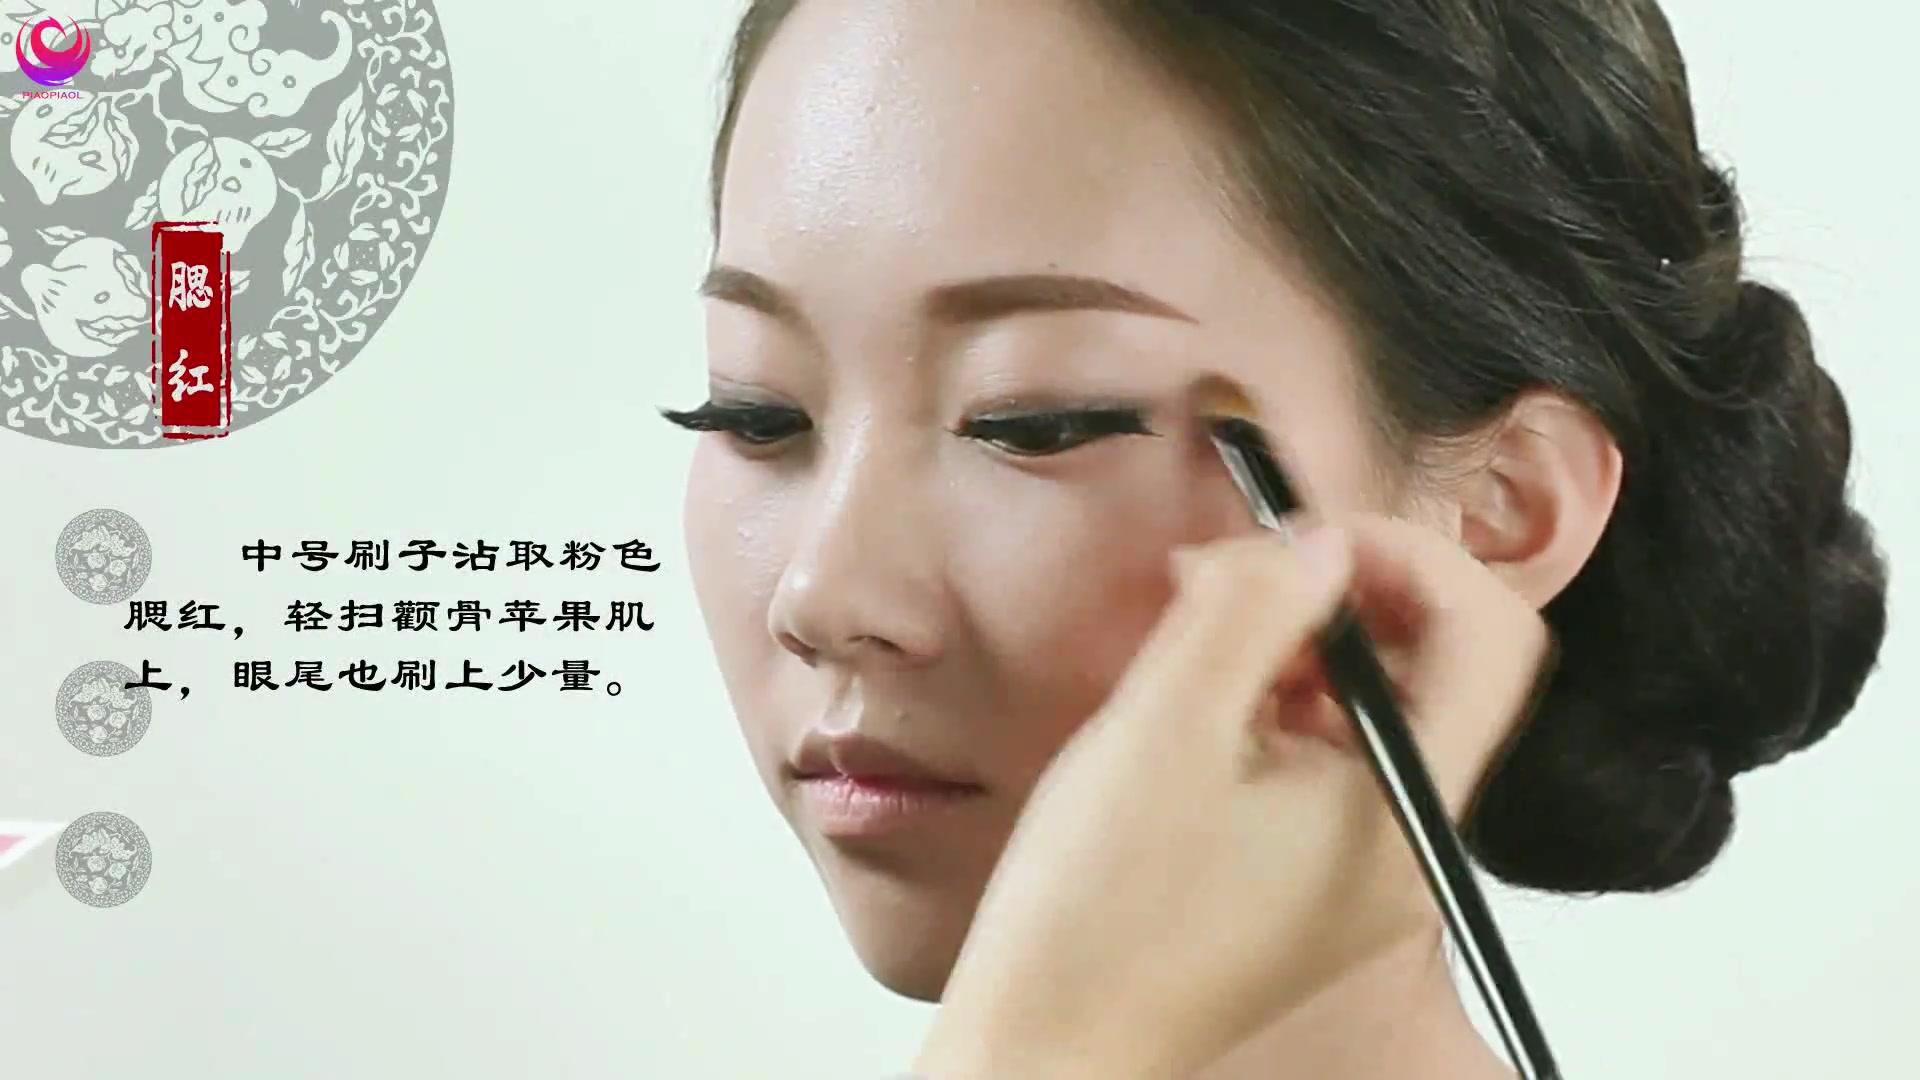 上海荟艺学院化妆彩妆化妆创意古风造型图片